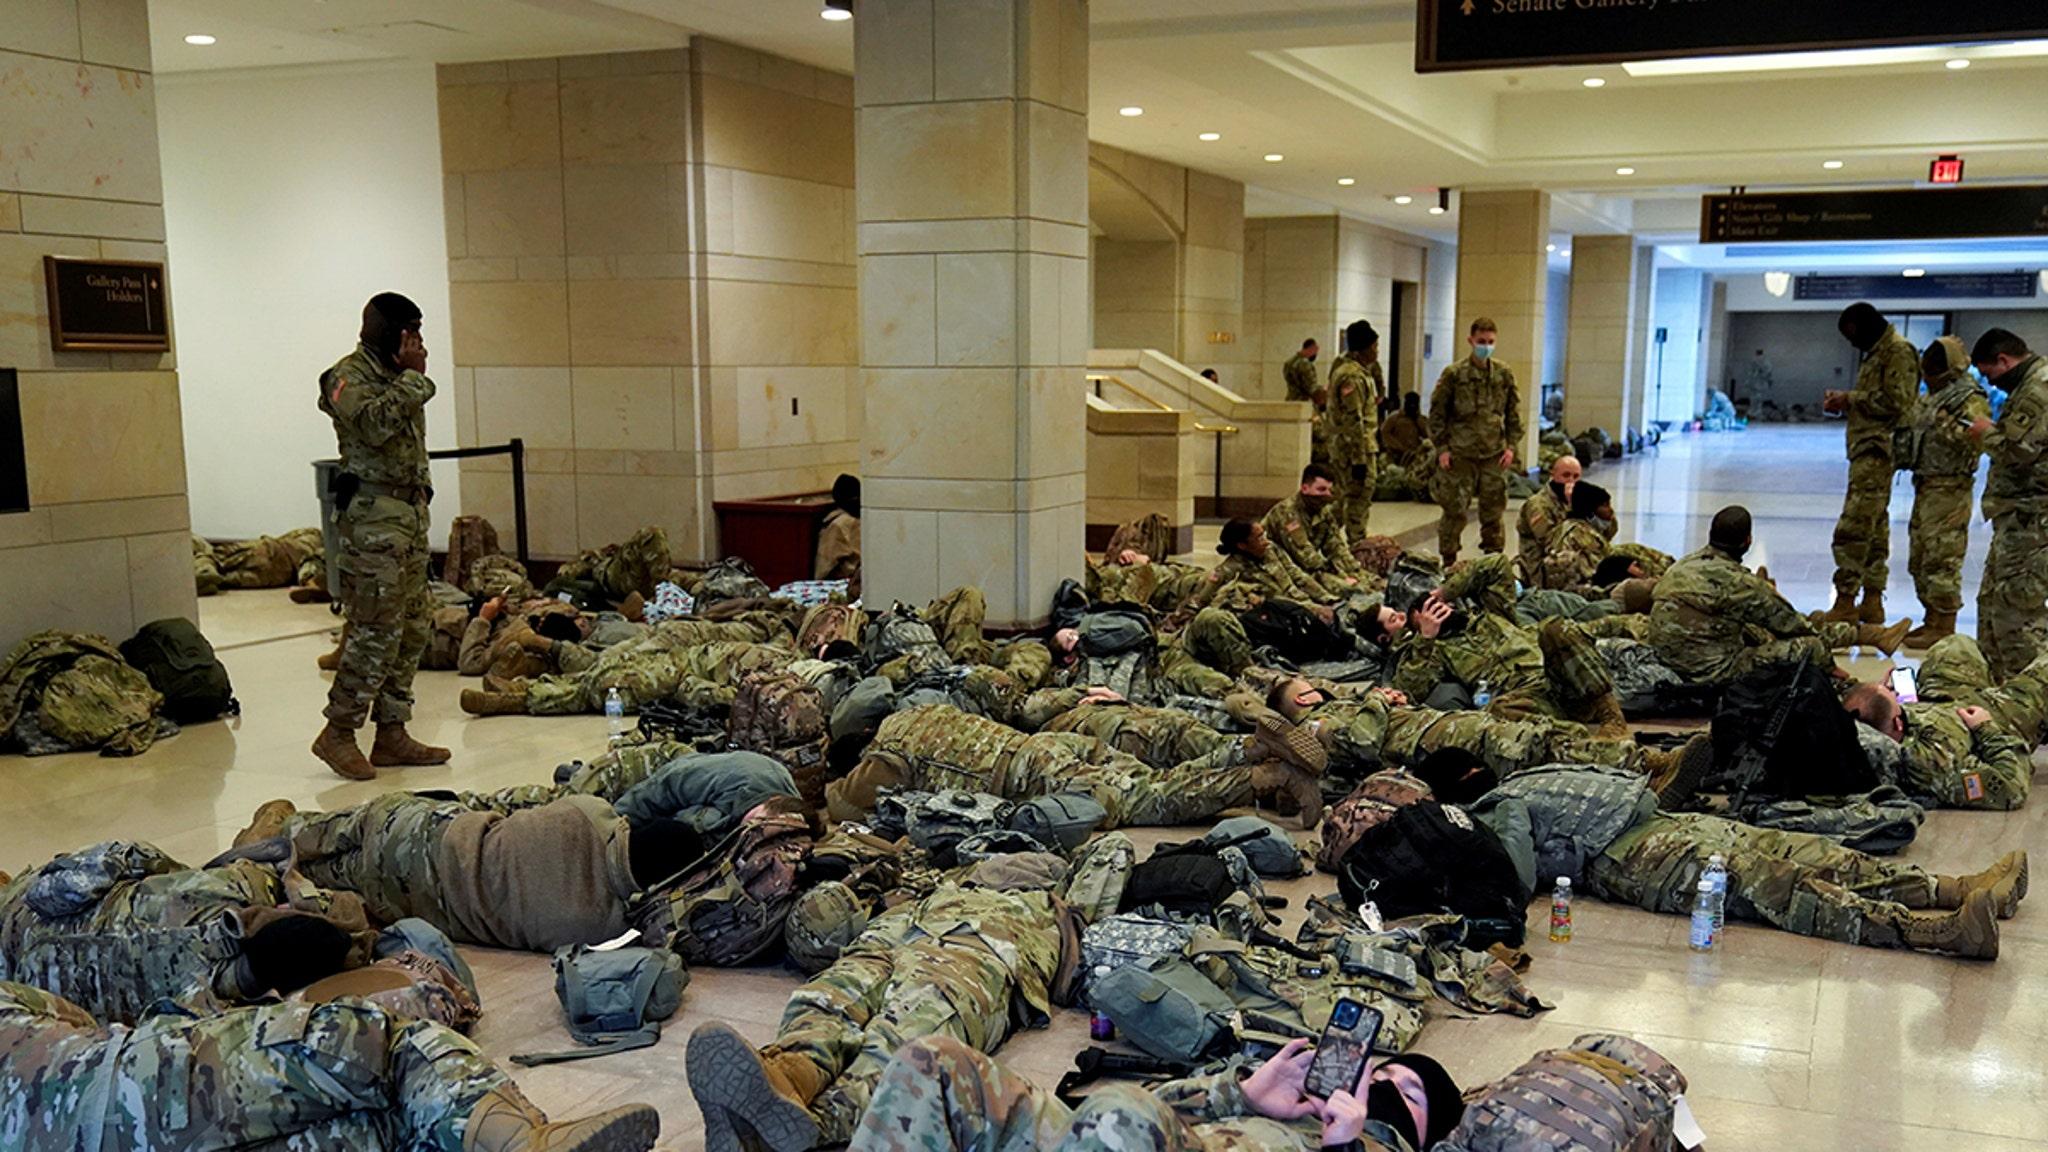 Измученные вооруженные члены Национальной гвардии спят на этаже Капитолия